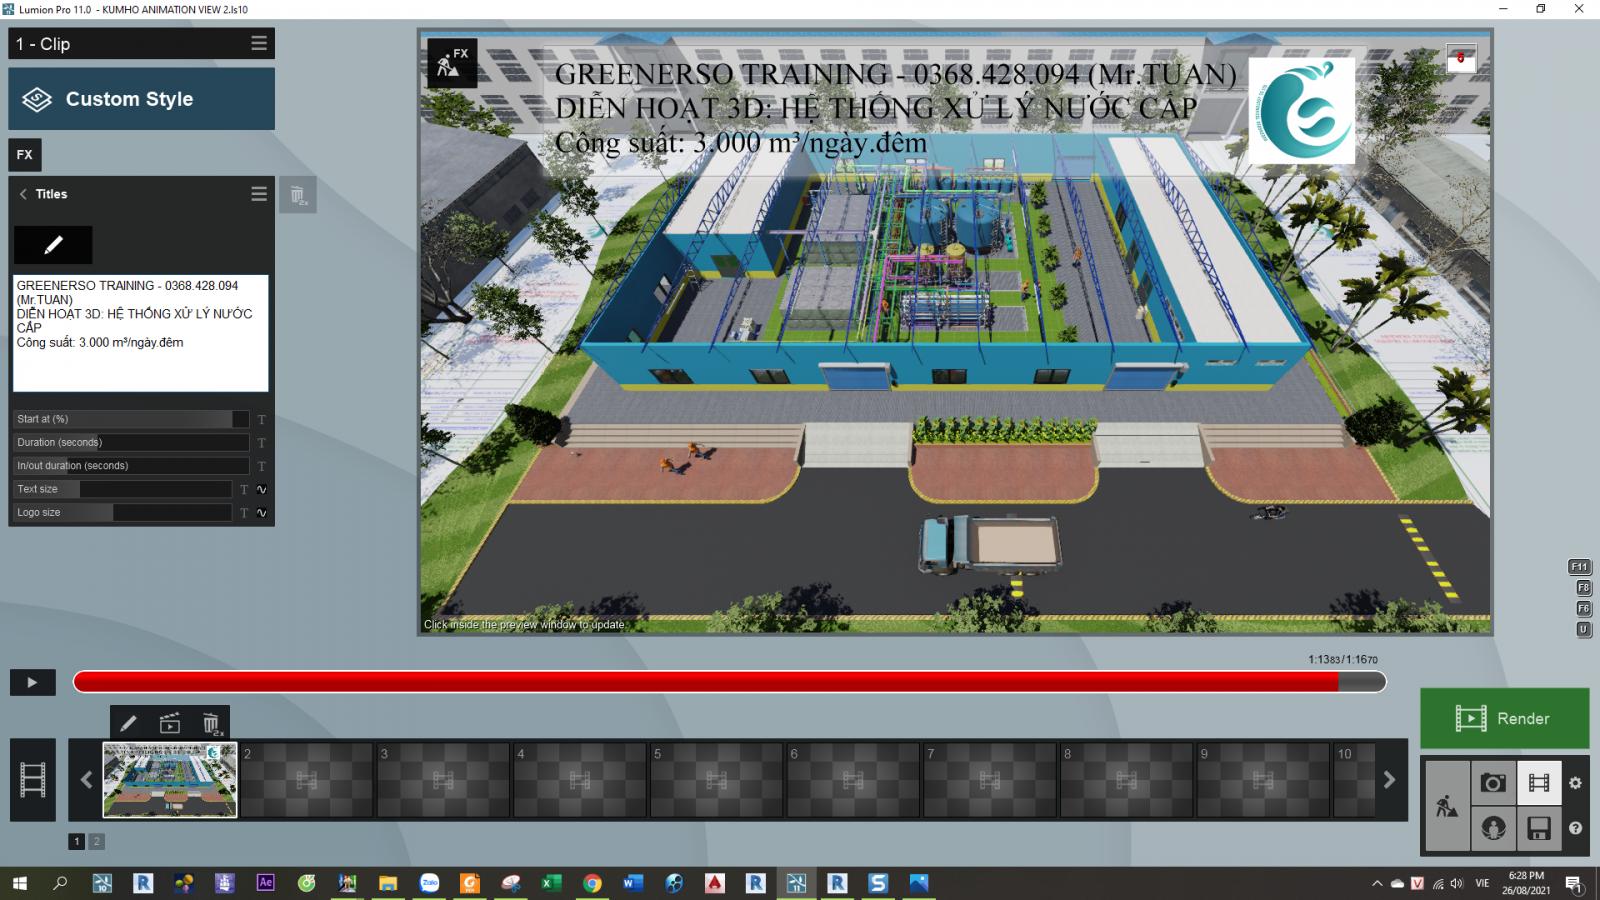 Hình ảnh giao diện phần mềm Lumion 11 khi sử dụng